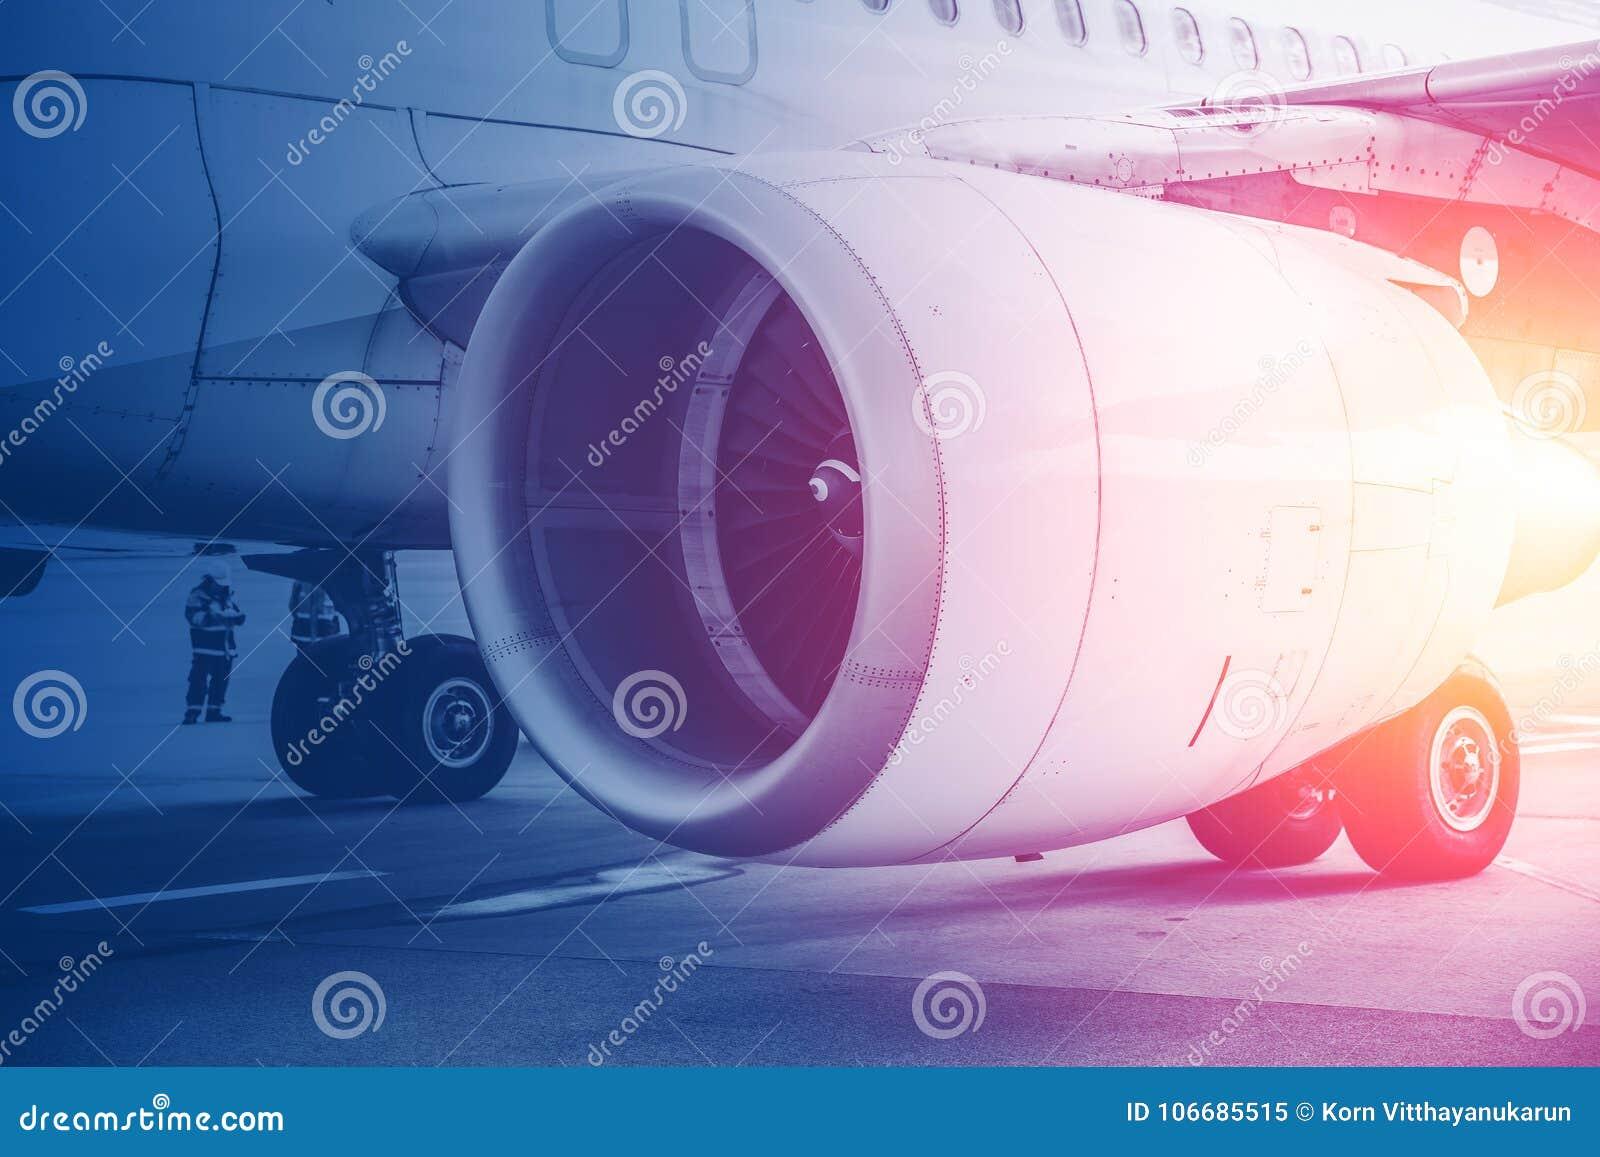 Vuelo del motor de turbina del jet para el futuro de la aviación en fondo de los aviones comerciales